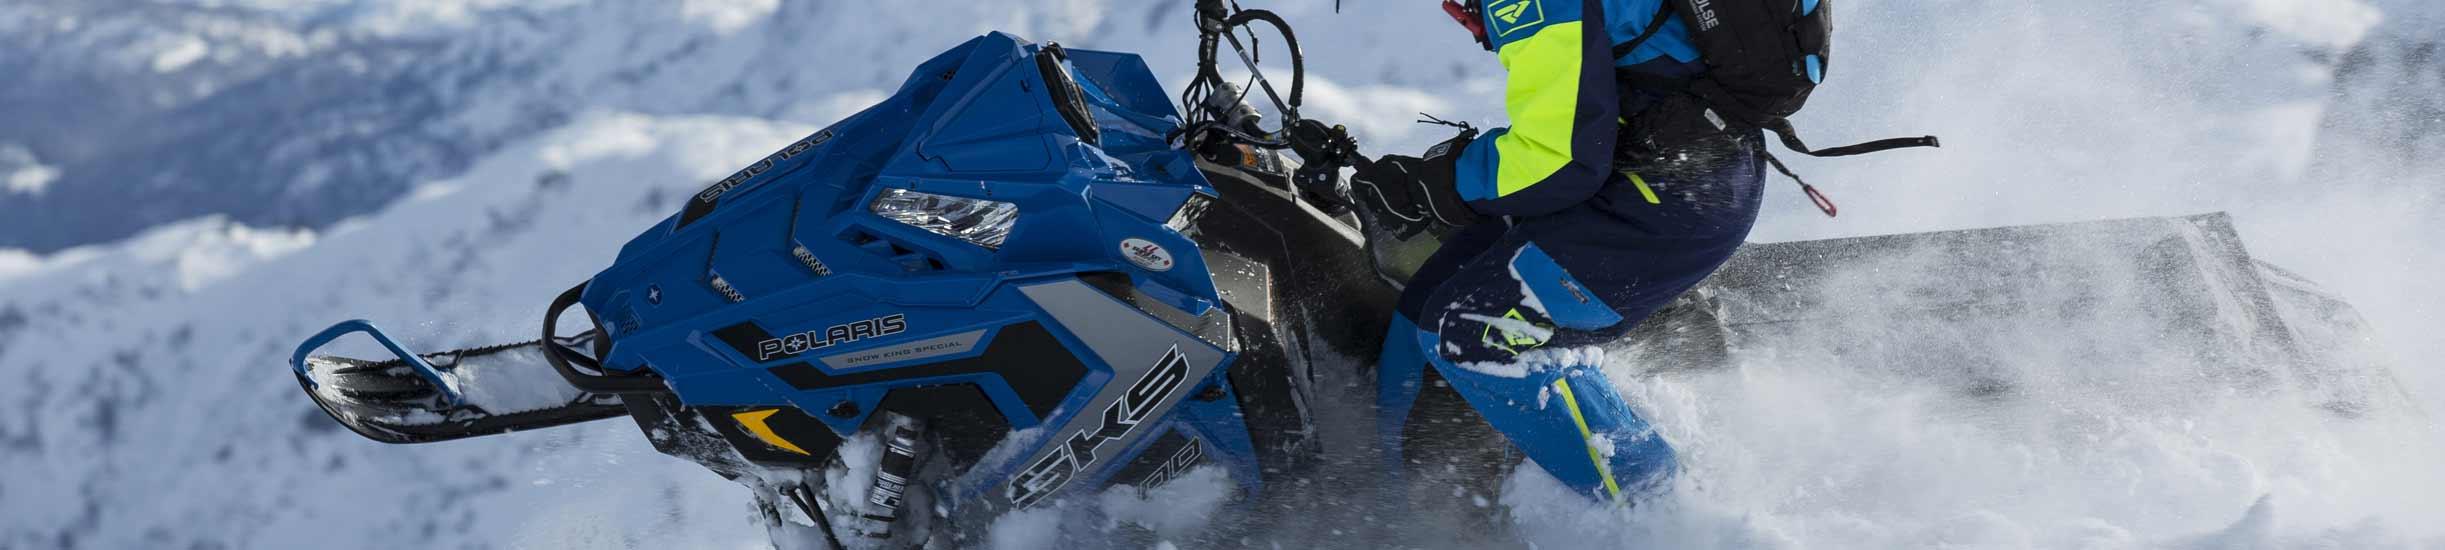 Motos de Nieve.